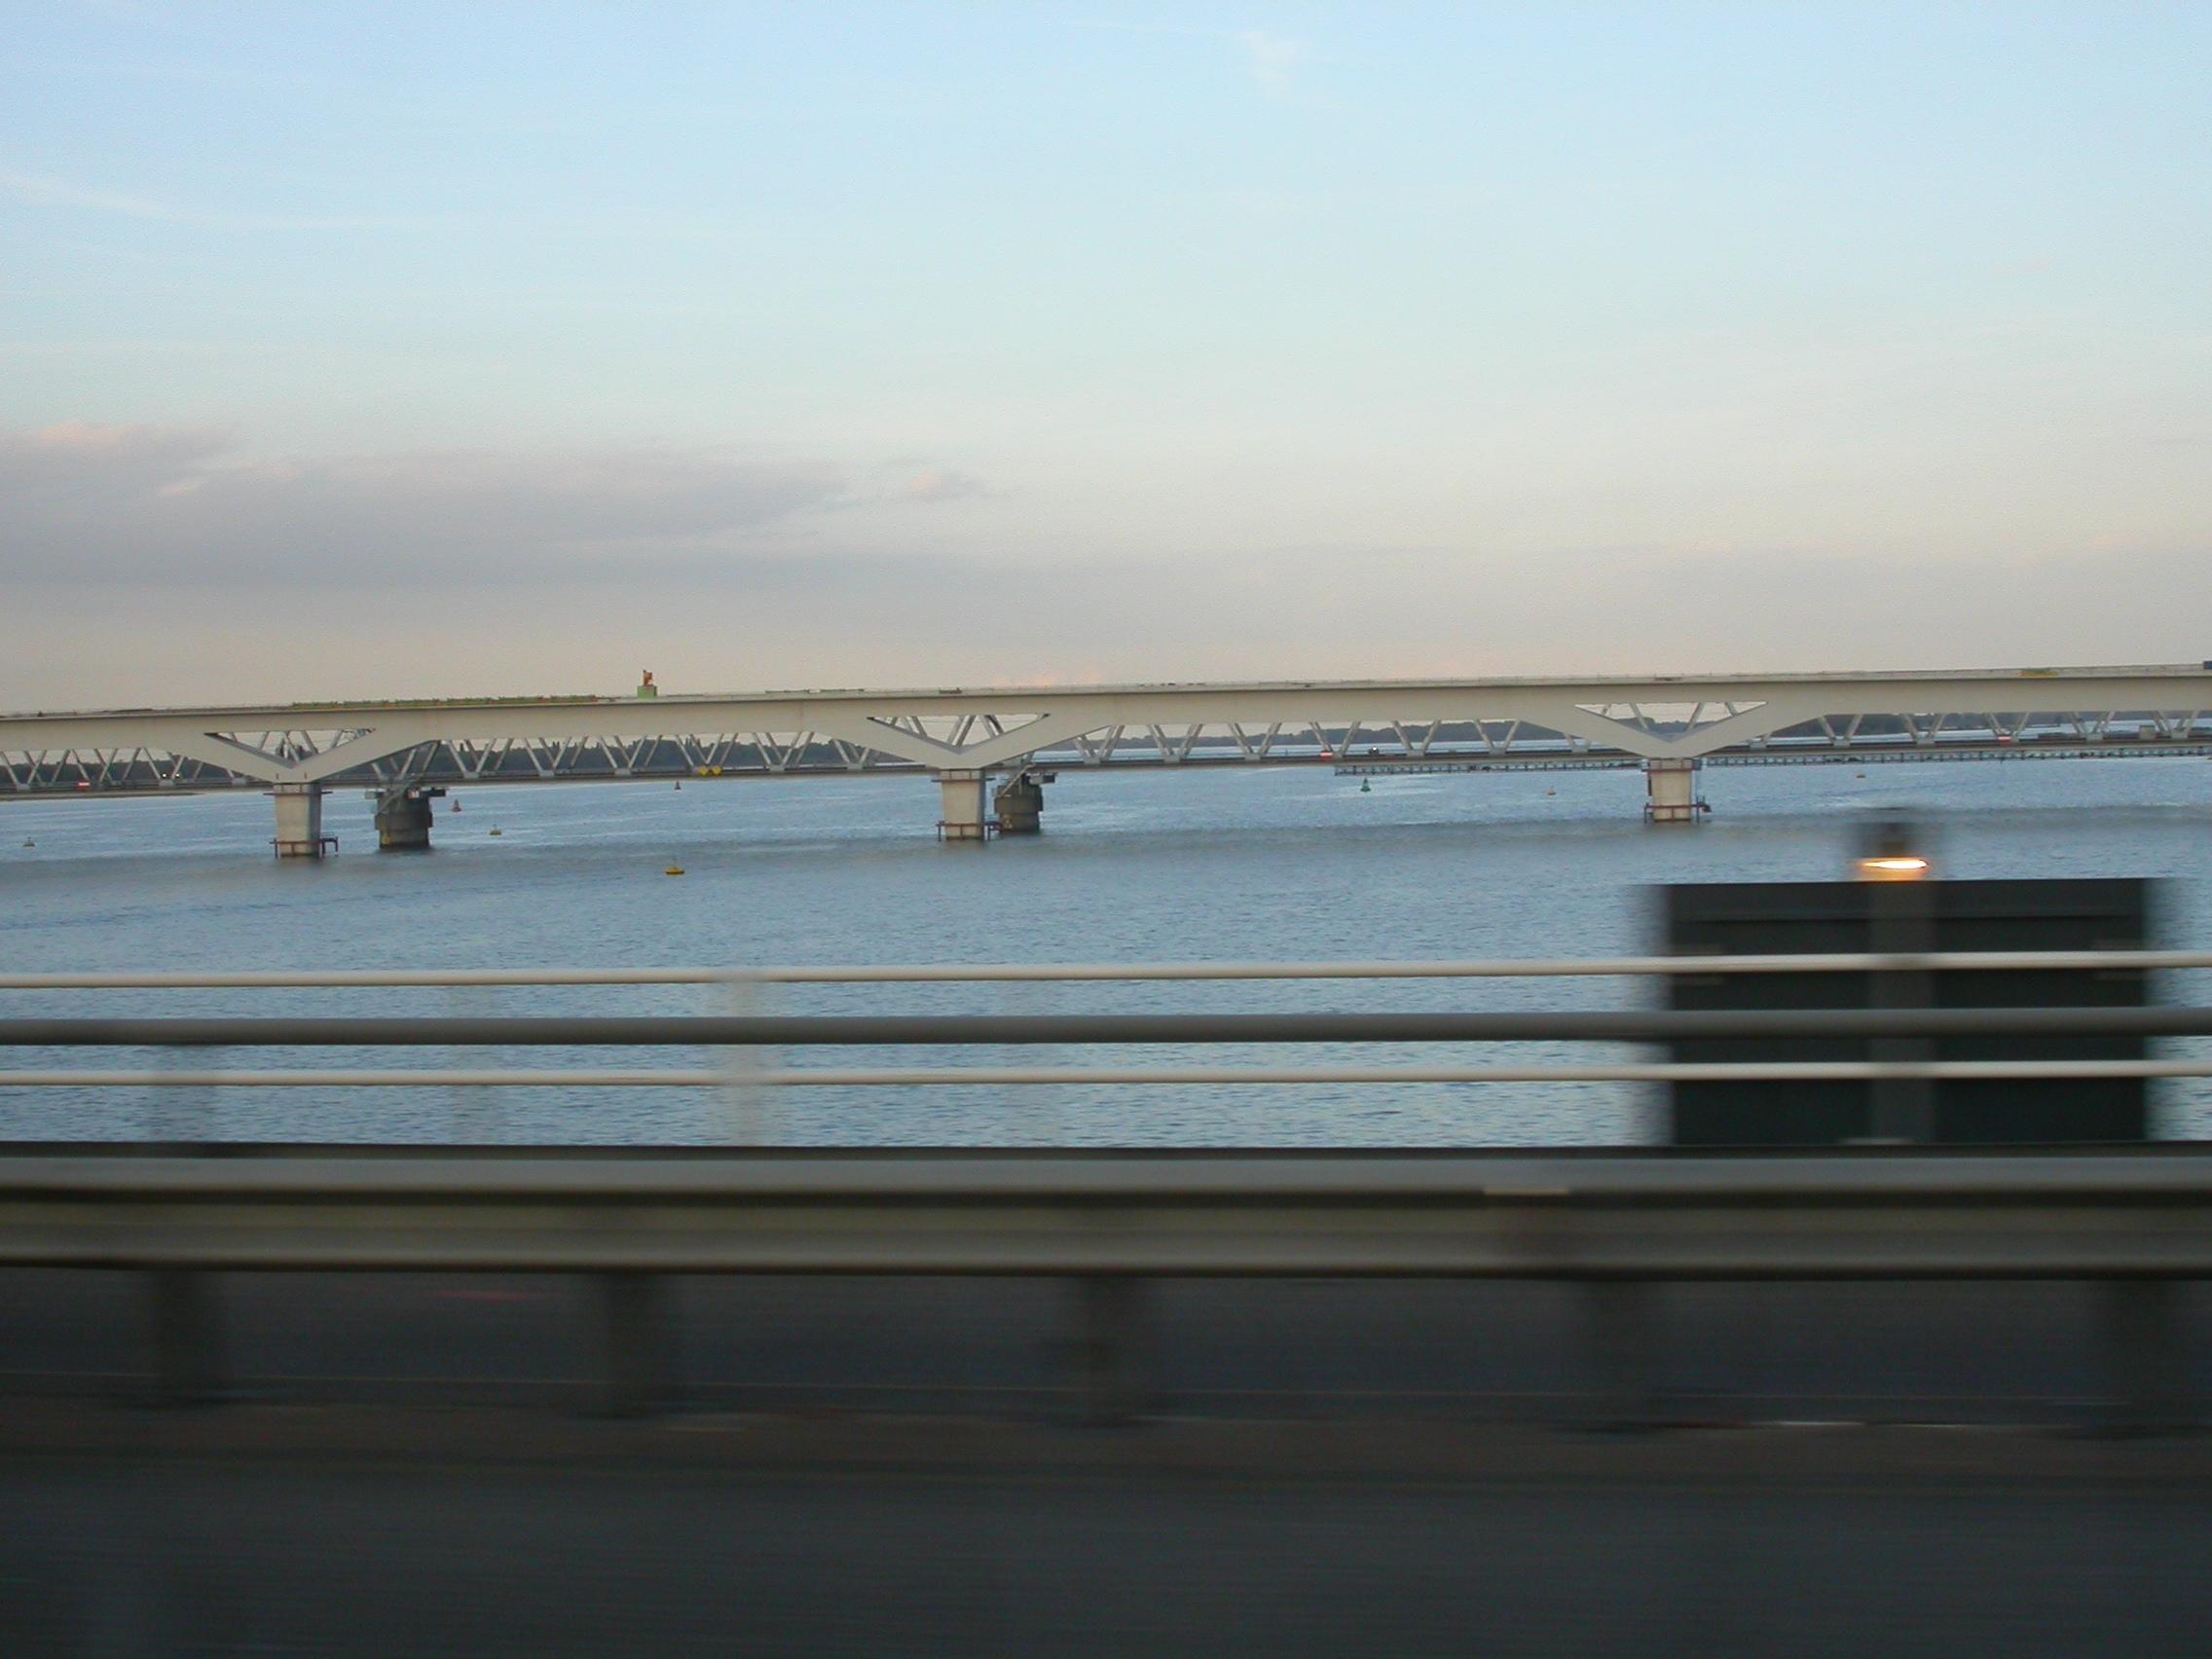 paul bridge water canal pillars